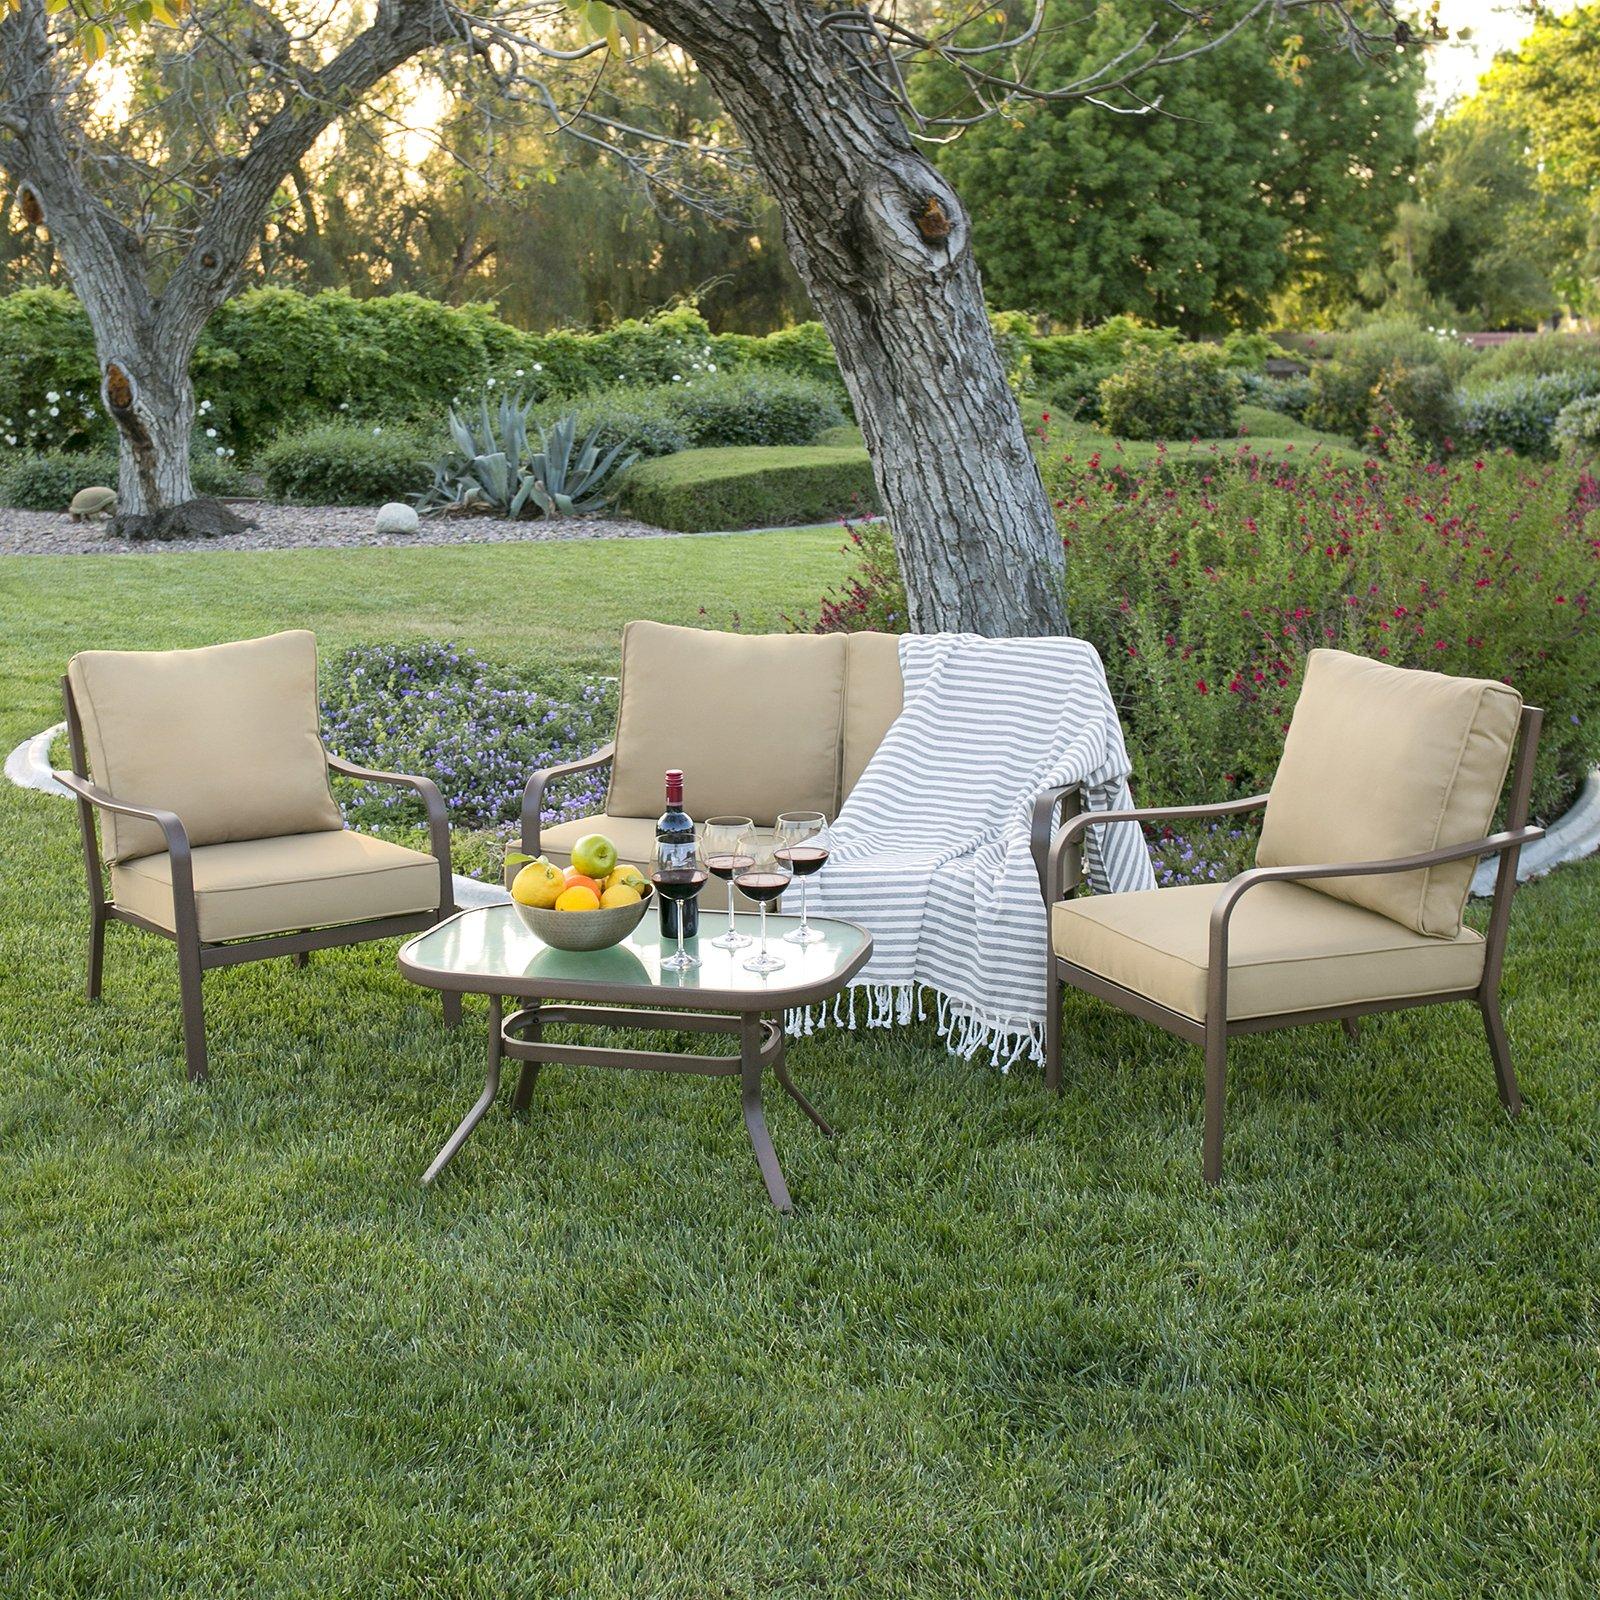 patio furniture clearance sale amazon com rh amazon com